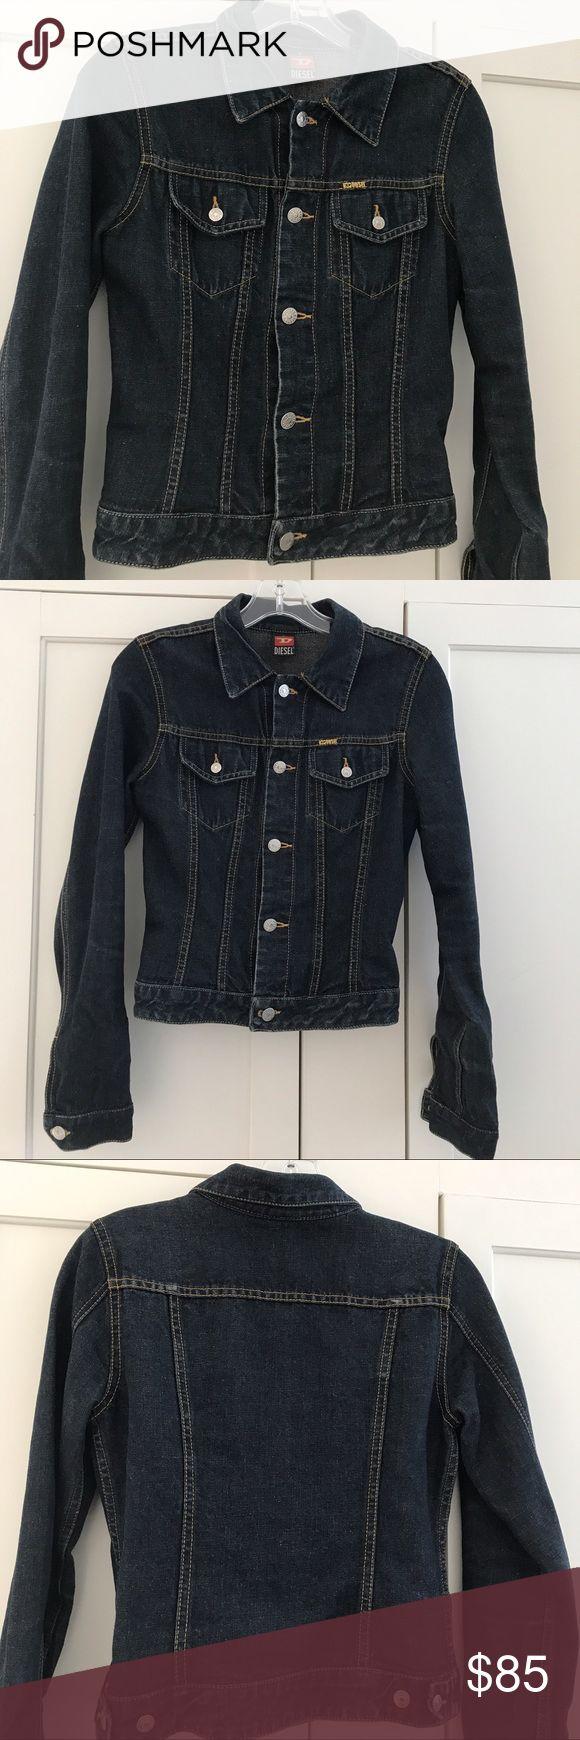 """Diesel women's jeans jacket Diesel women's jean jacket....like new condition....length 19"""", armpit to armpit 16"""" diesel Jackets & Coats Jean Jackets"""